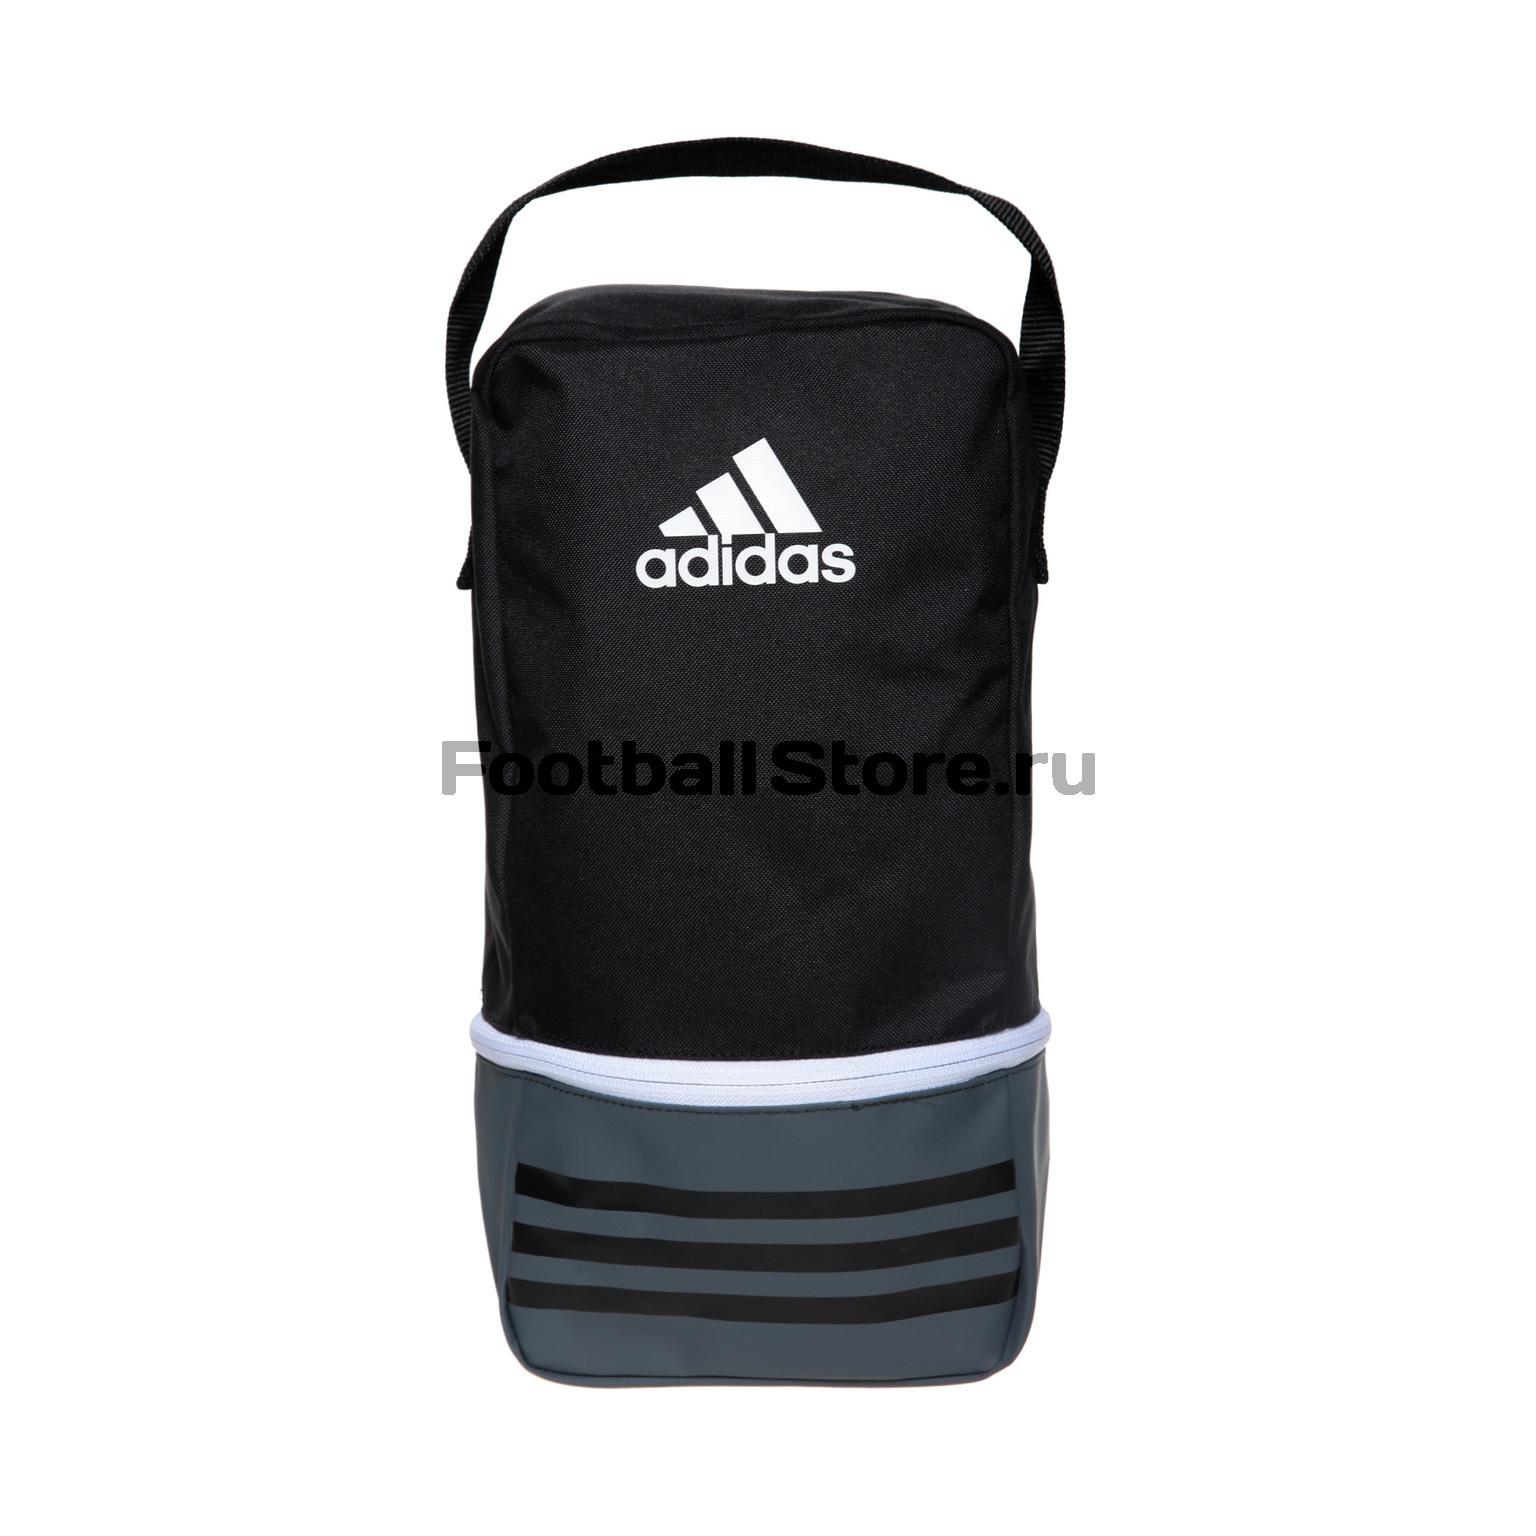 0ad908321e88 Сумка для обуви Adidas TIRO SB B46133 – купить в интернет магазине ...